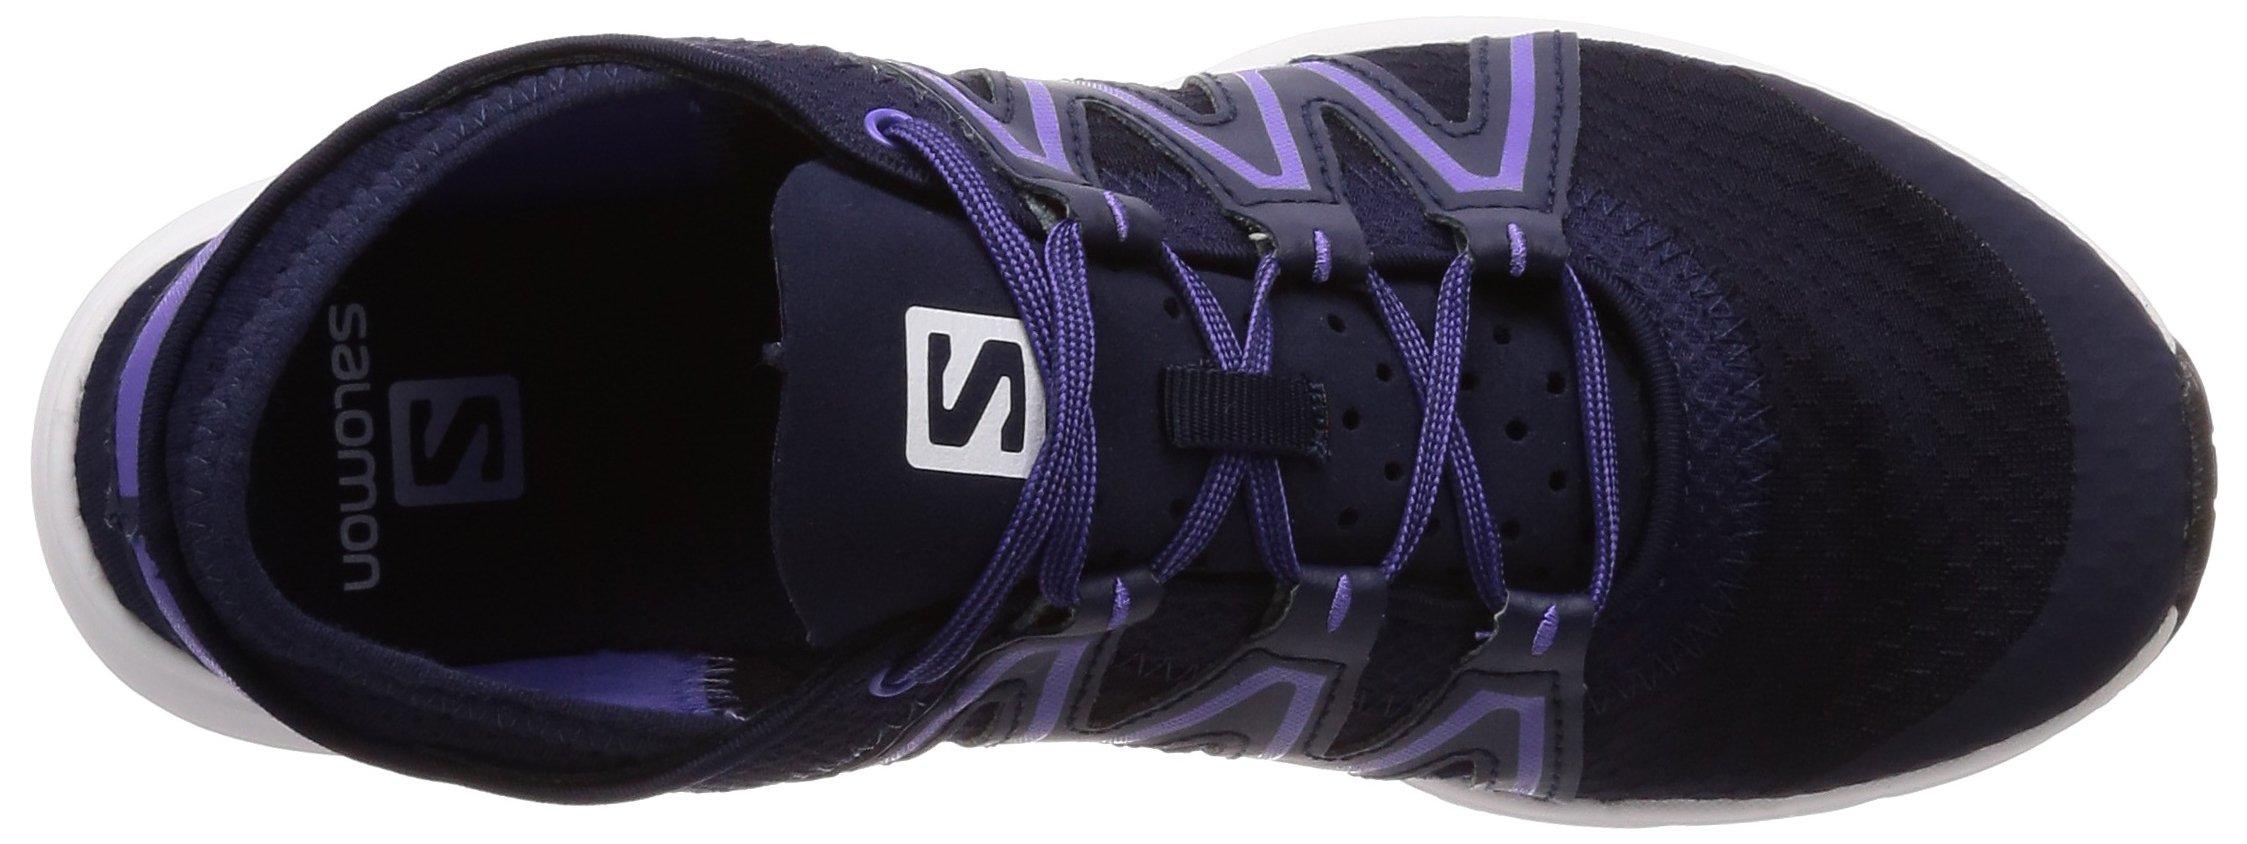 71JPUhyxDEL - SALOMON Women's Crossamphibian Swift W Low Rise Hiking Boots